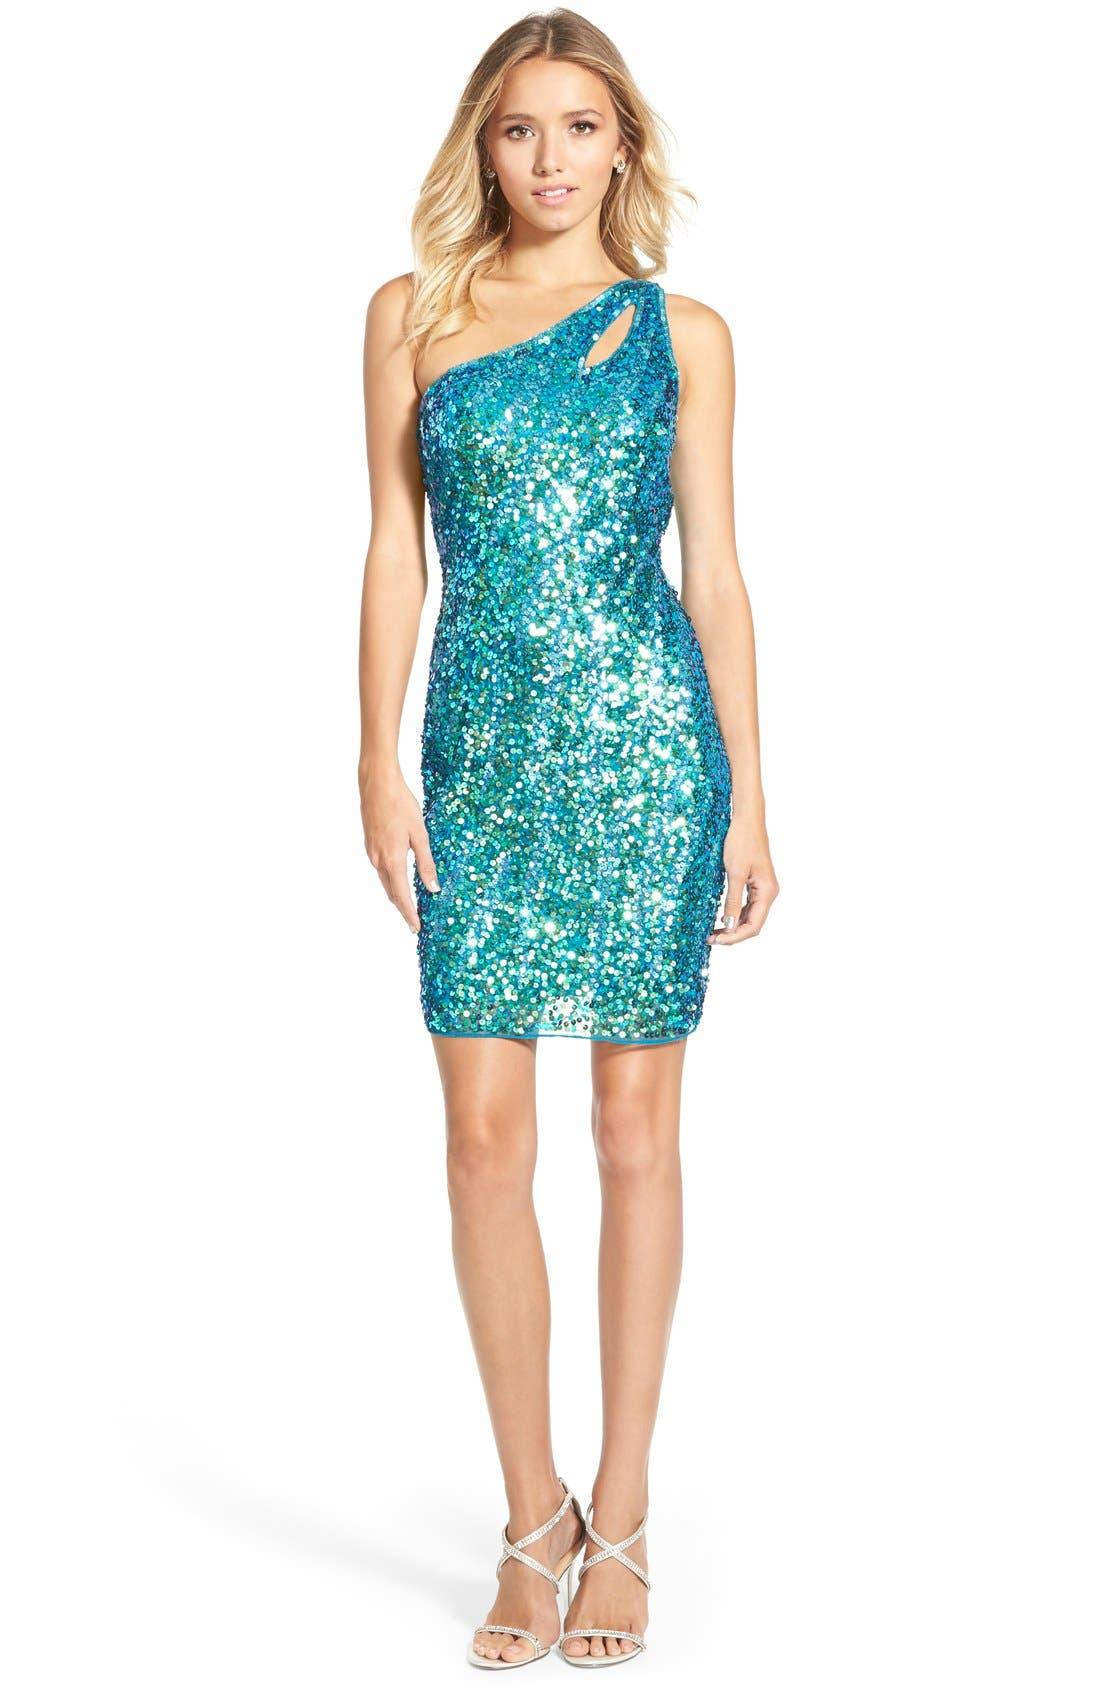 Main Image - Mac DuggalSequin One-Shoulder Body-Con Dress